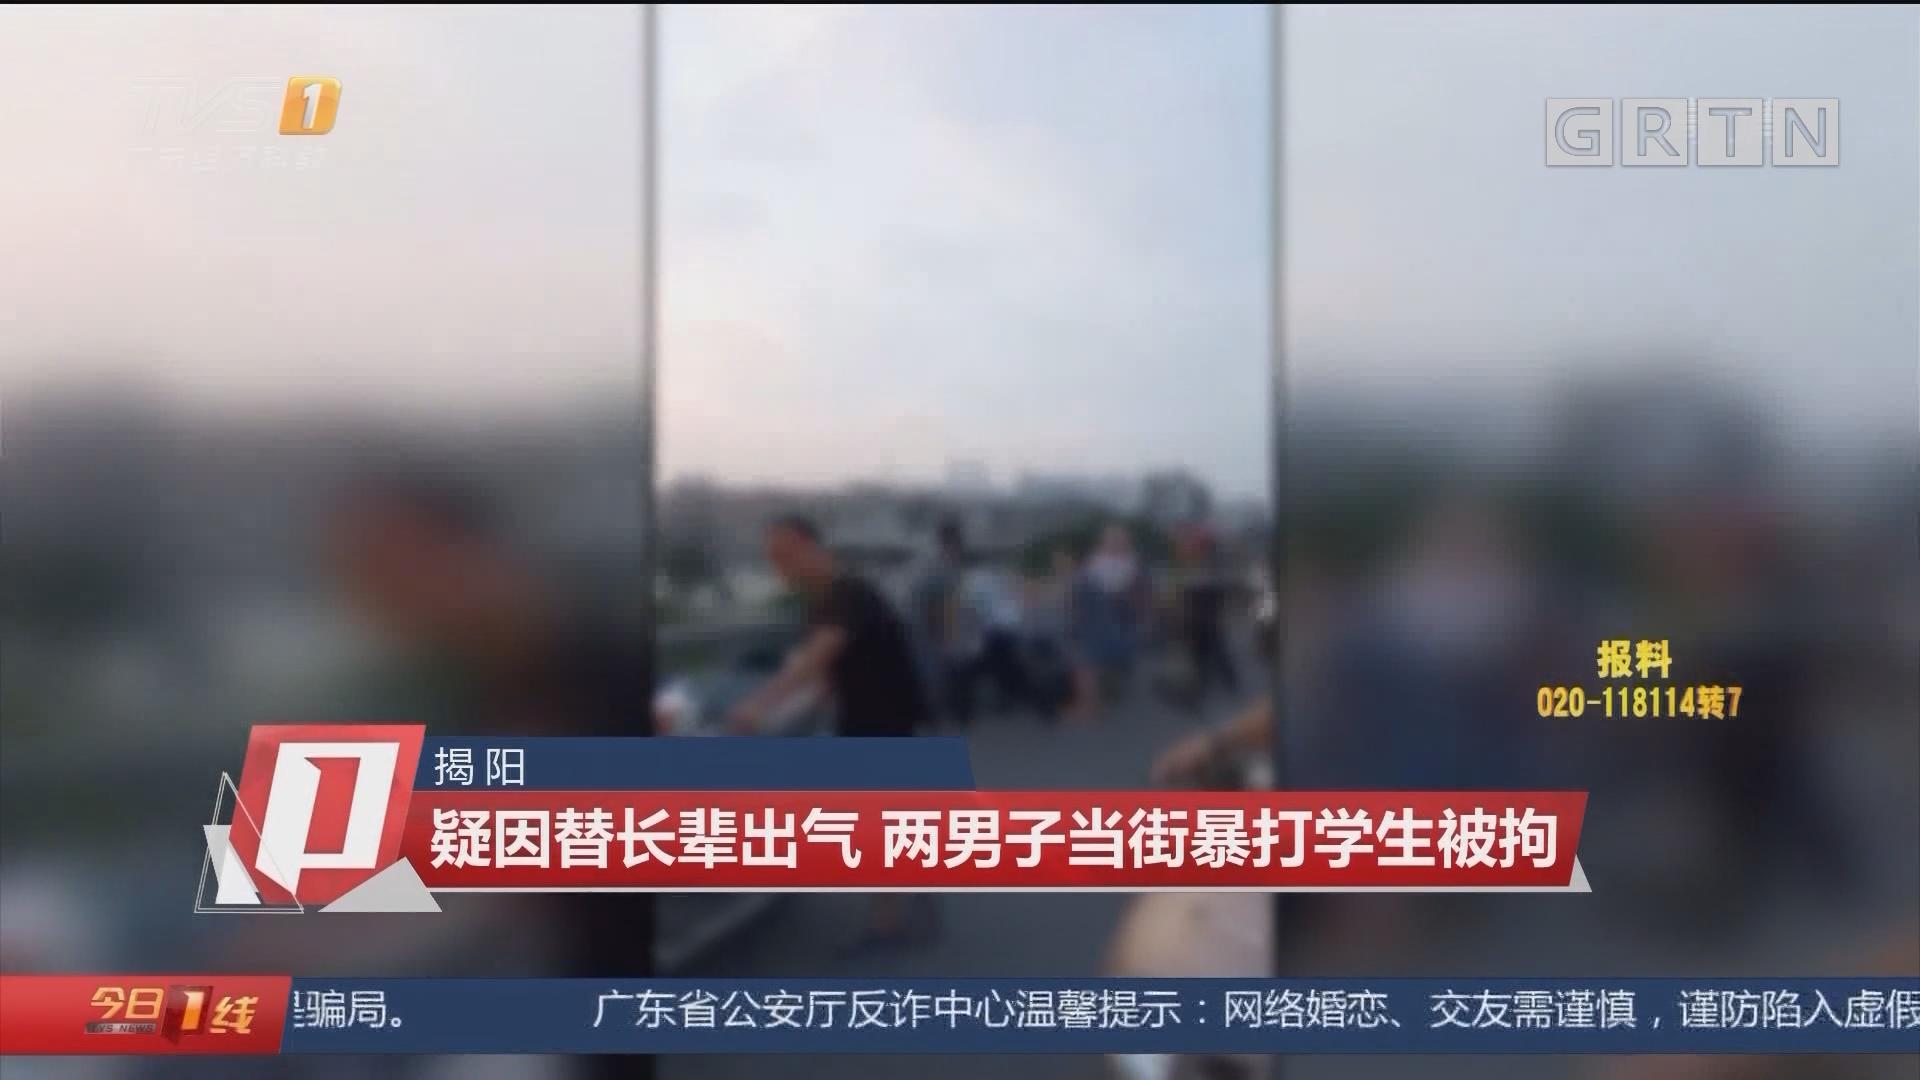 揭陽:疑因替長輩出氣 兩男子當街暴打學生被拘